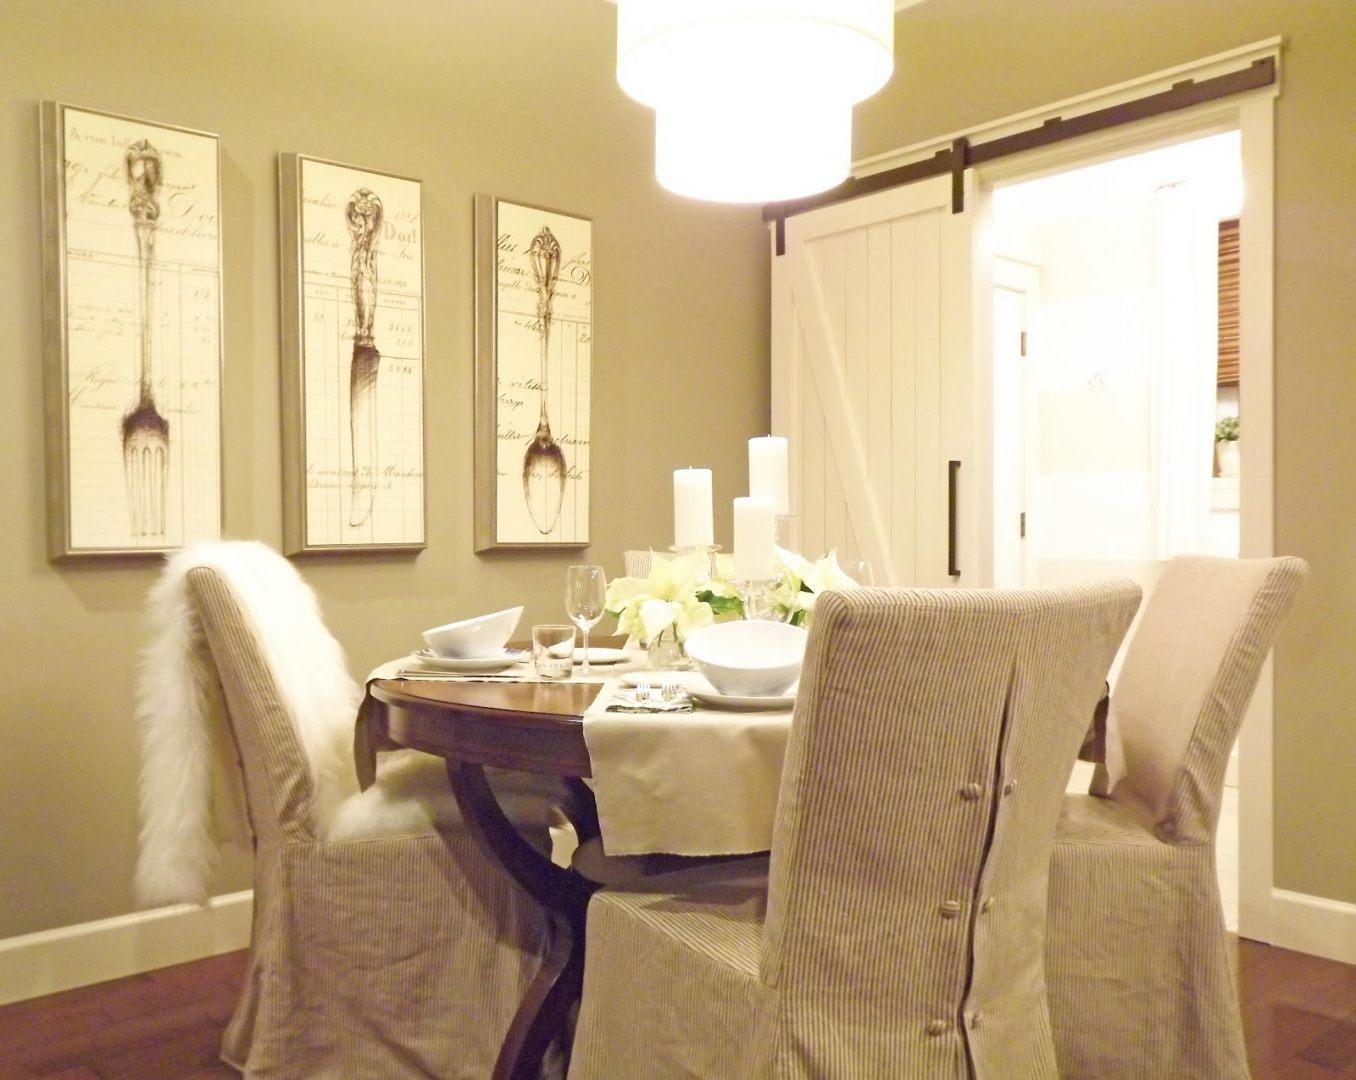 Cores de uma sala feng shui fotos e imagens for Cores sala de estar feng shui